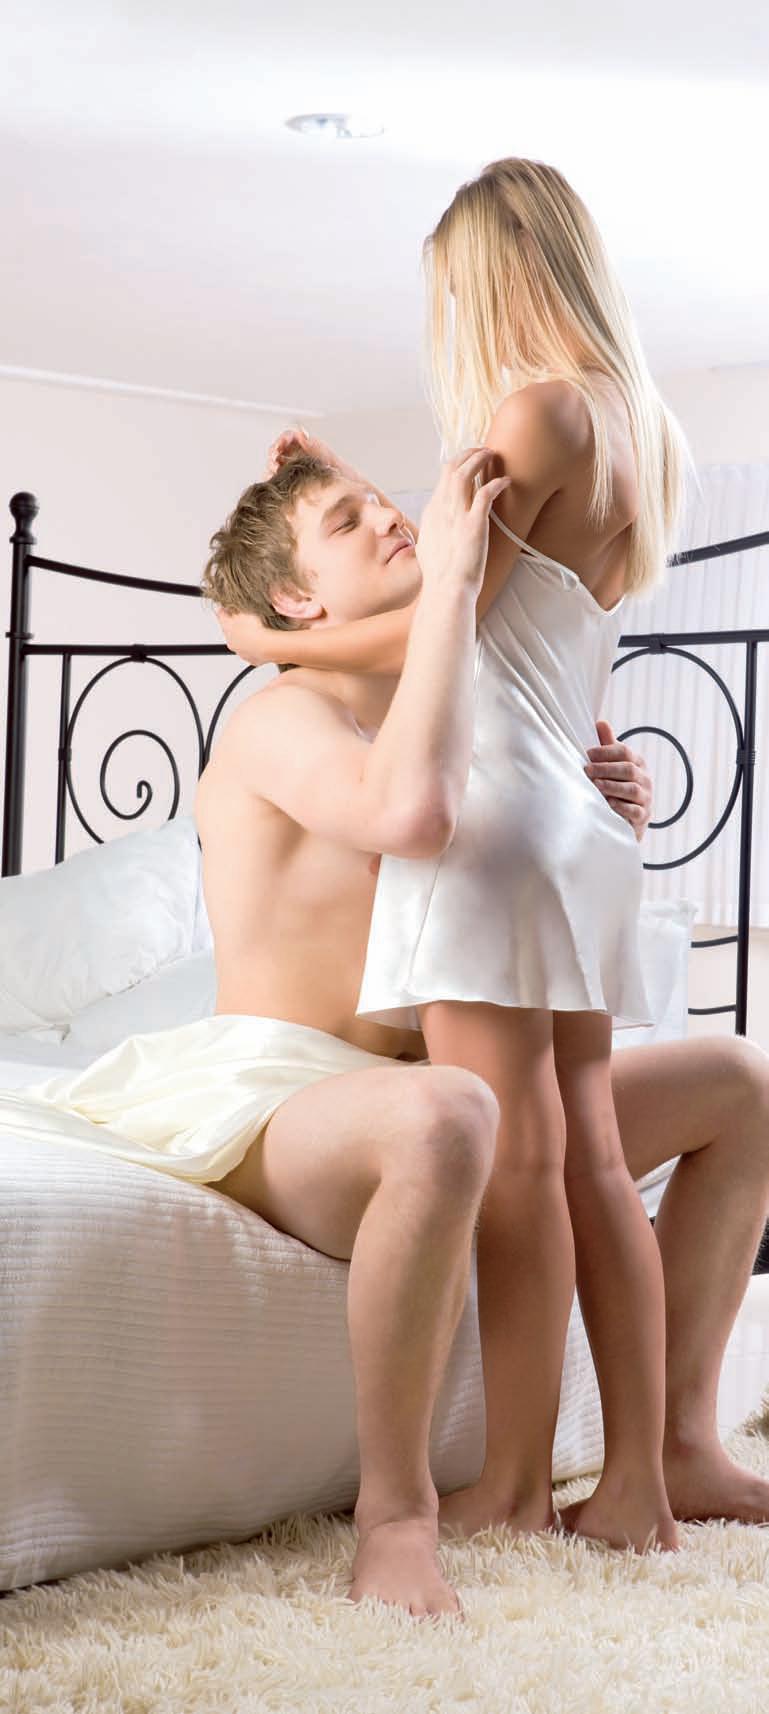 Хороший семейный секс в спальне